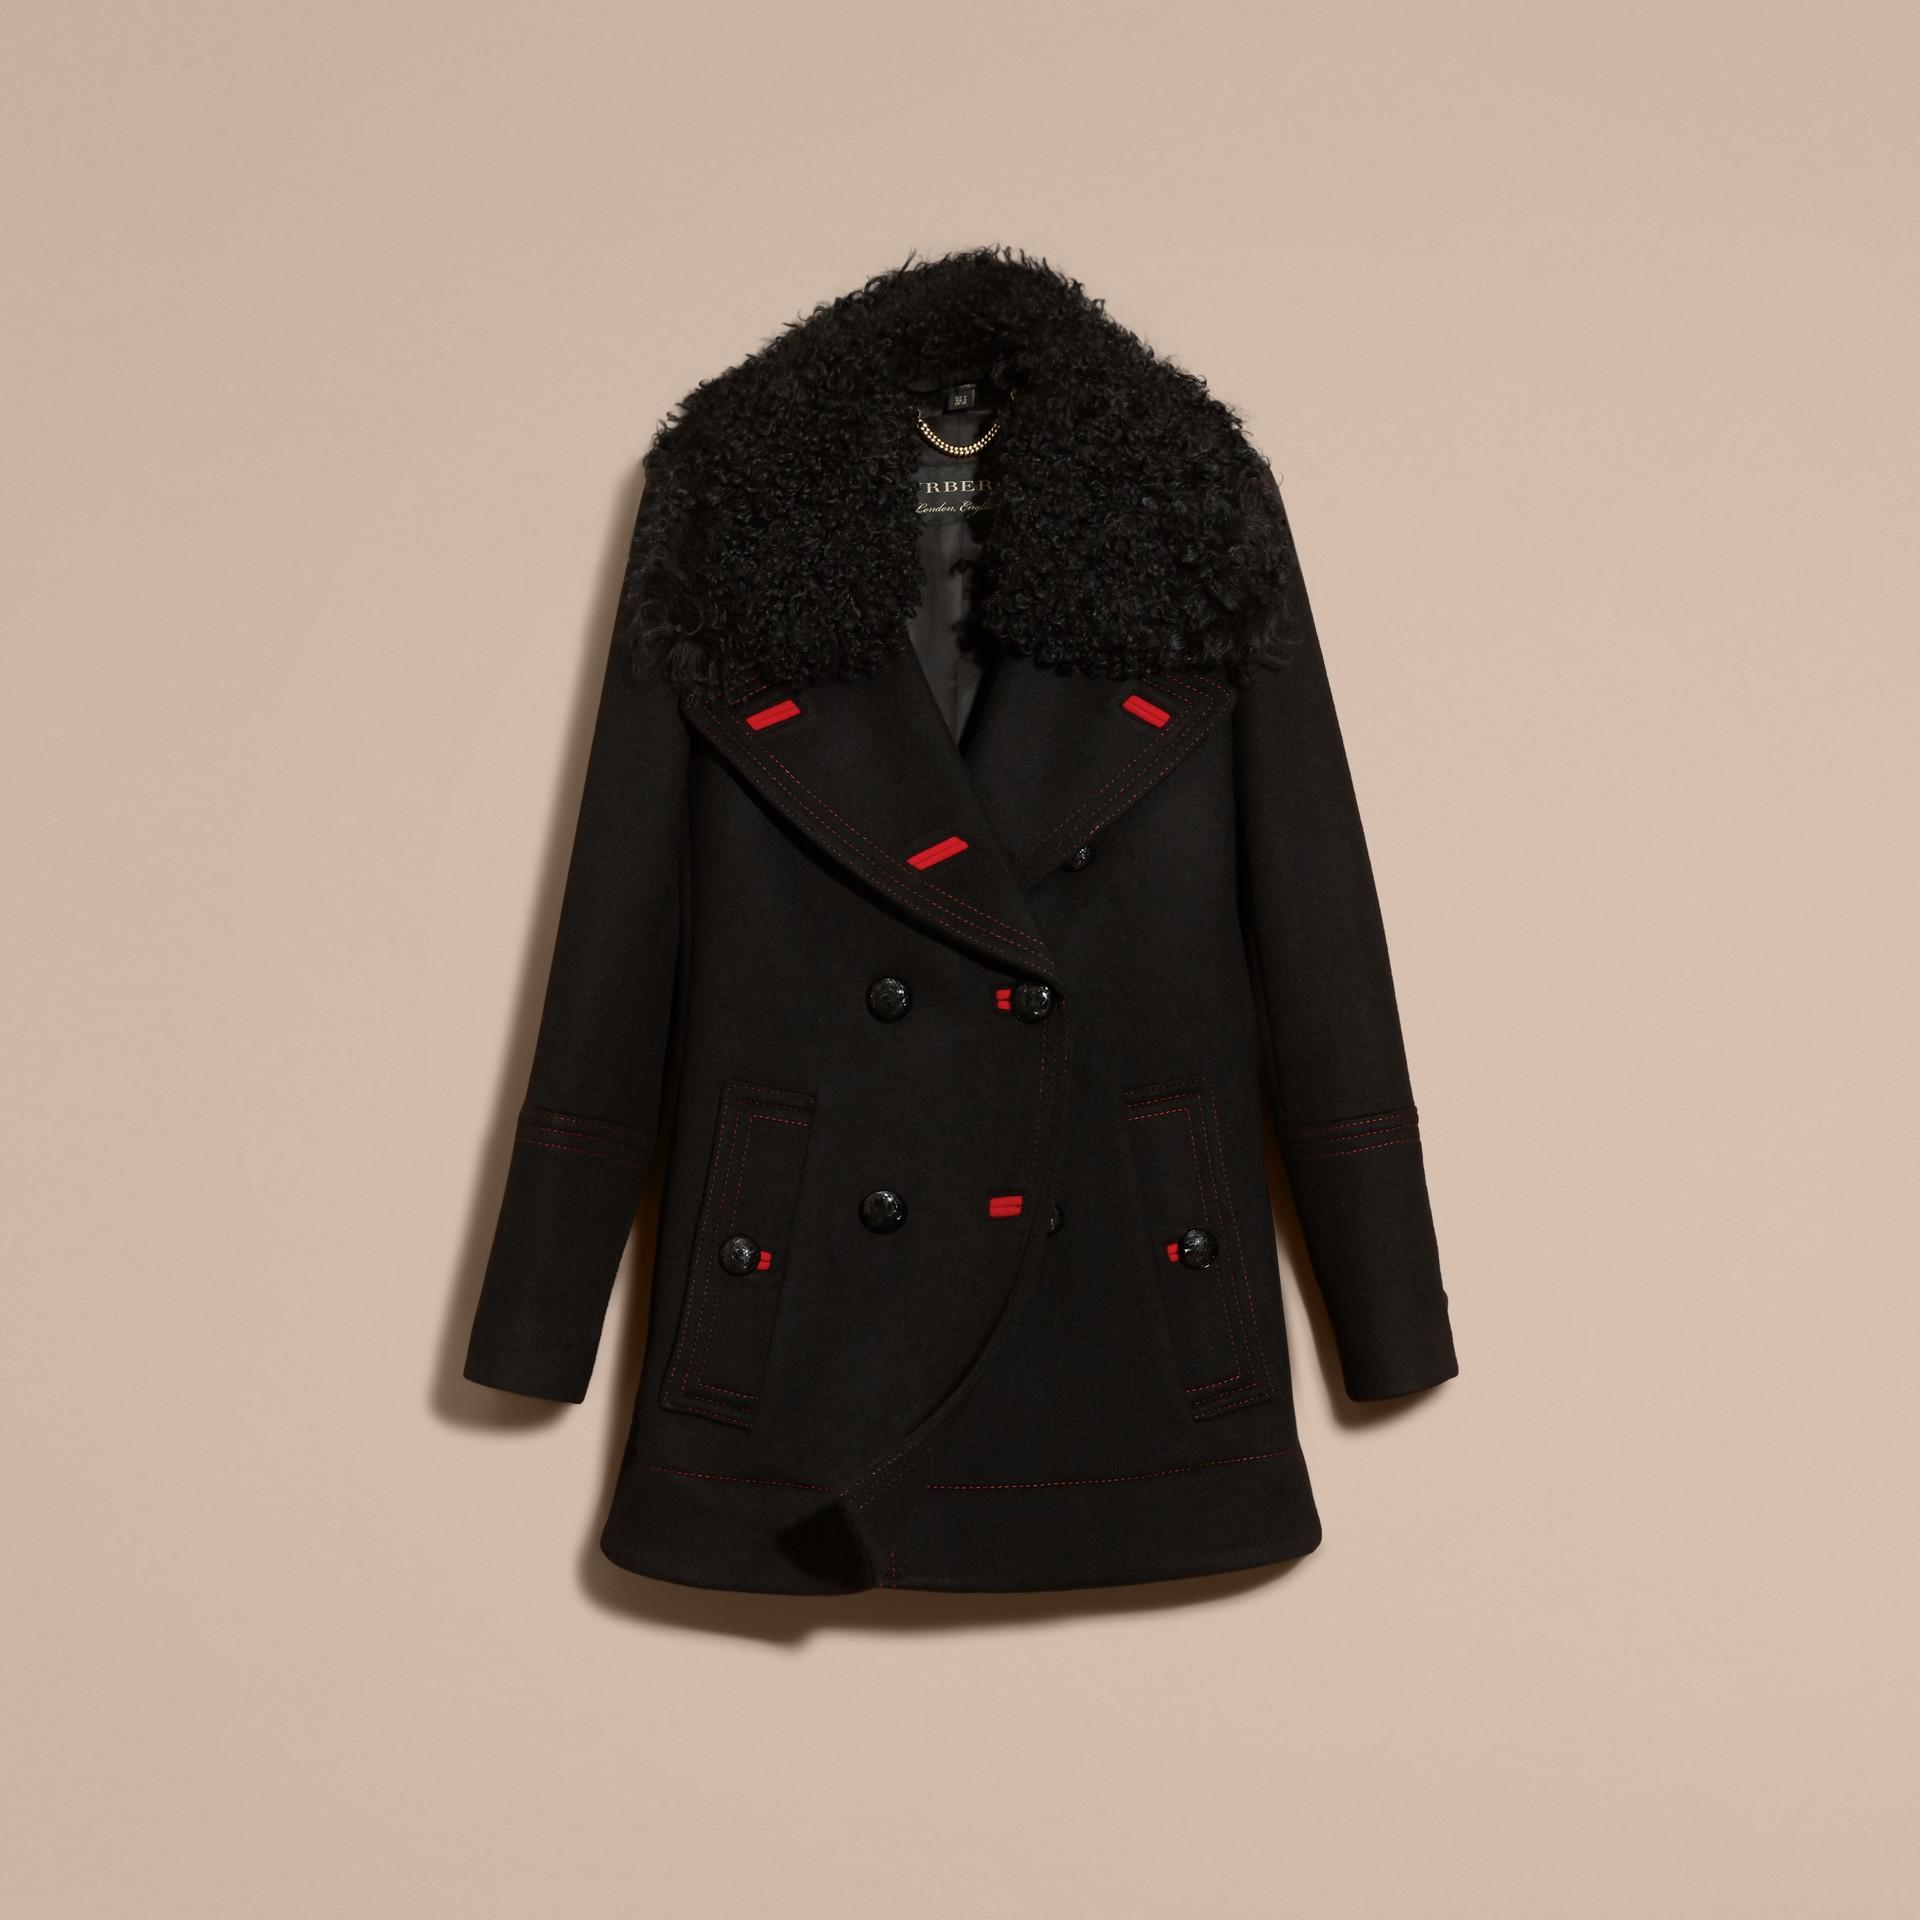 Noir Caban en laine avec col en shearling - photo de la galerie 4